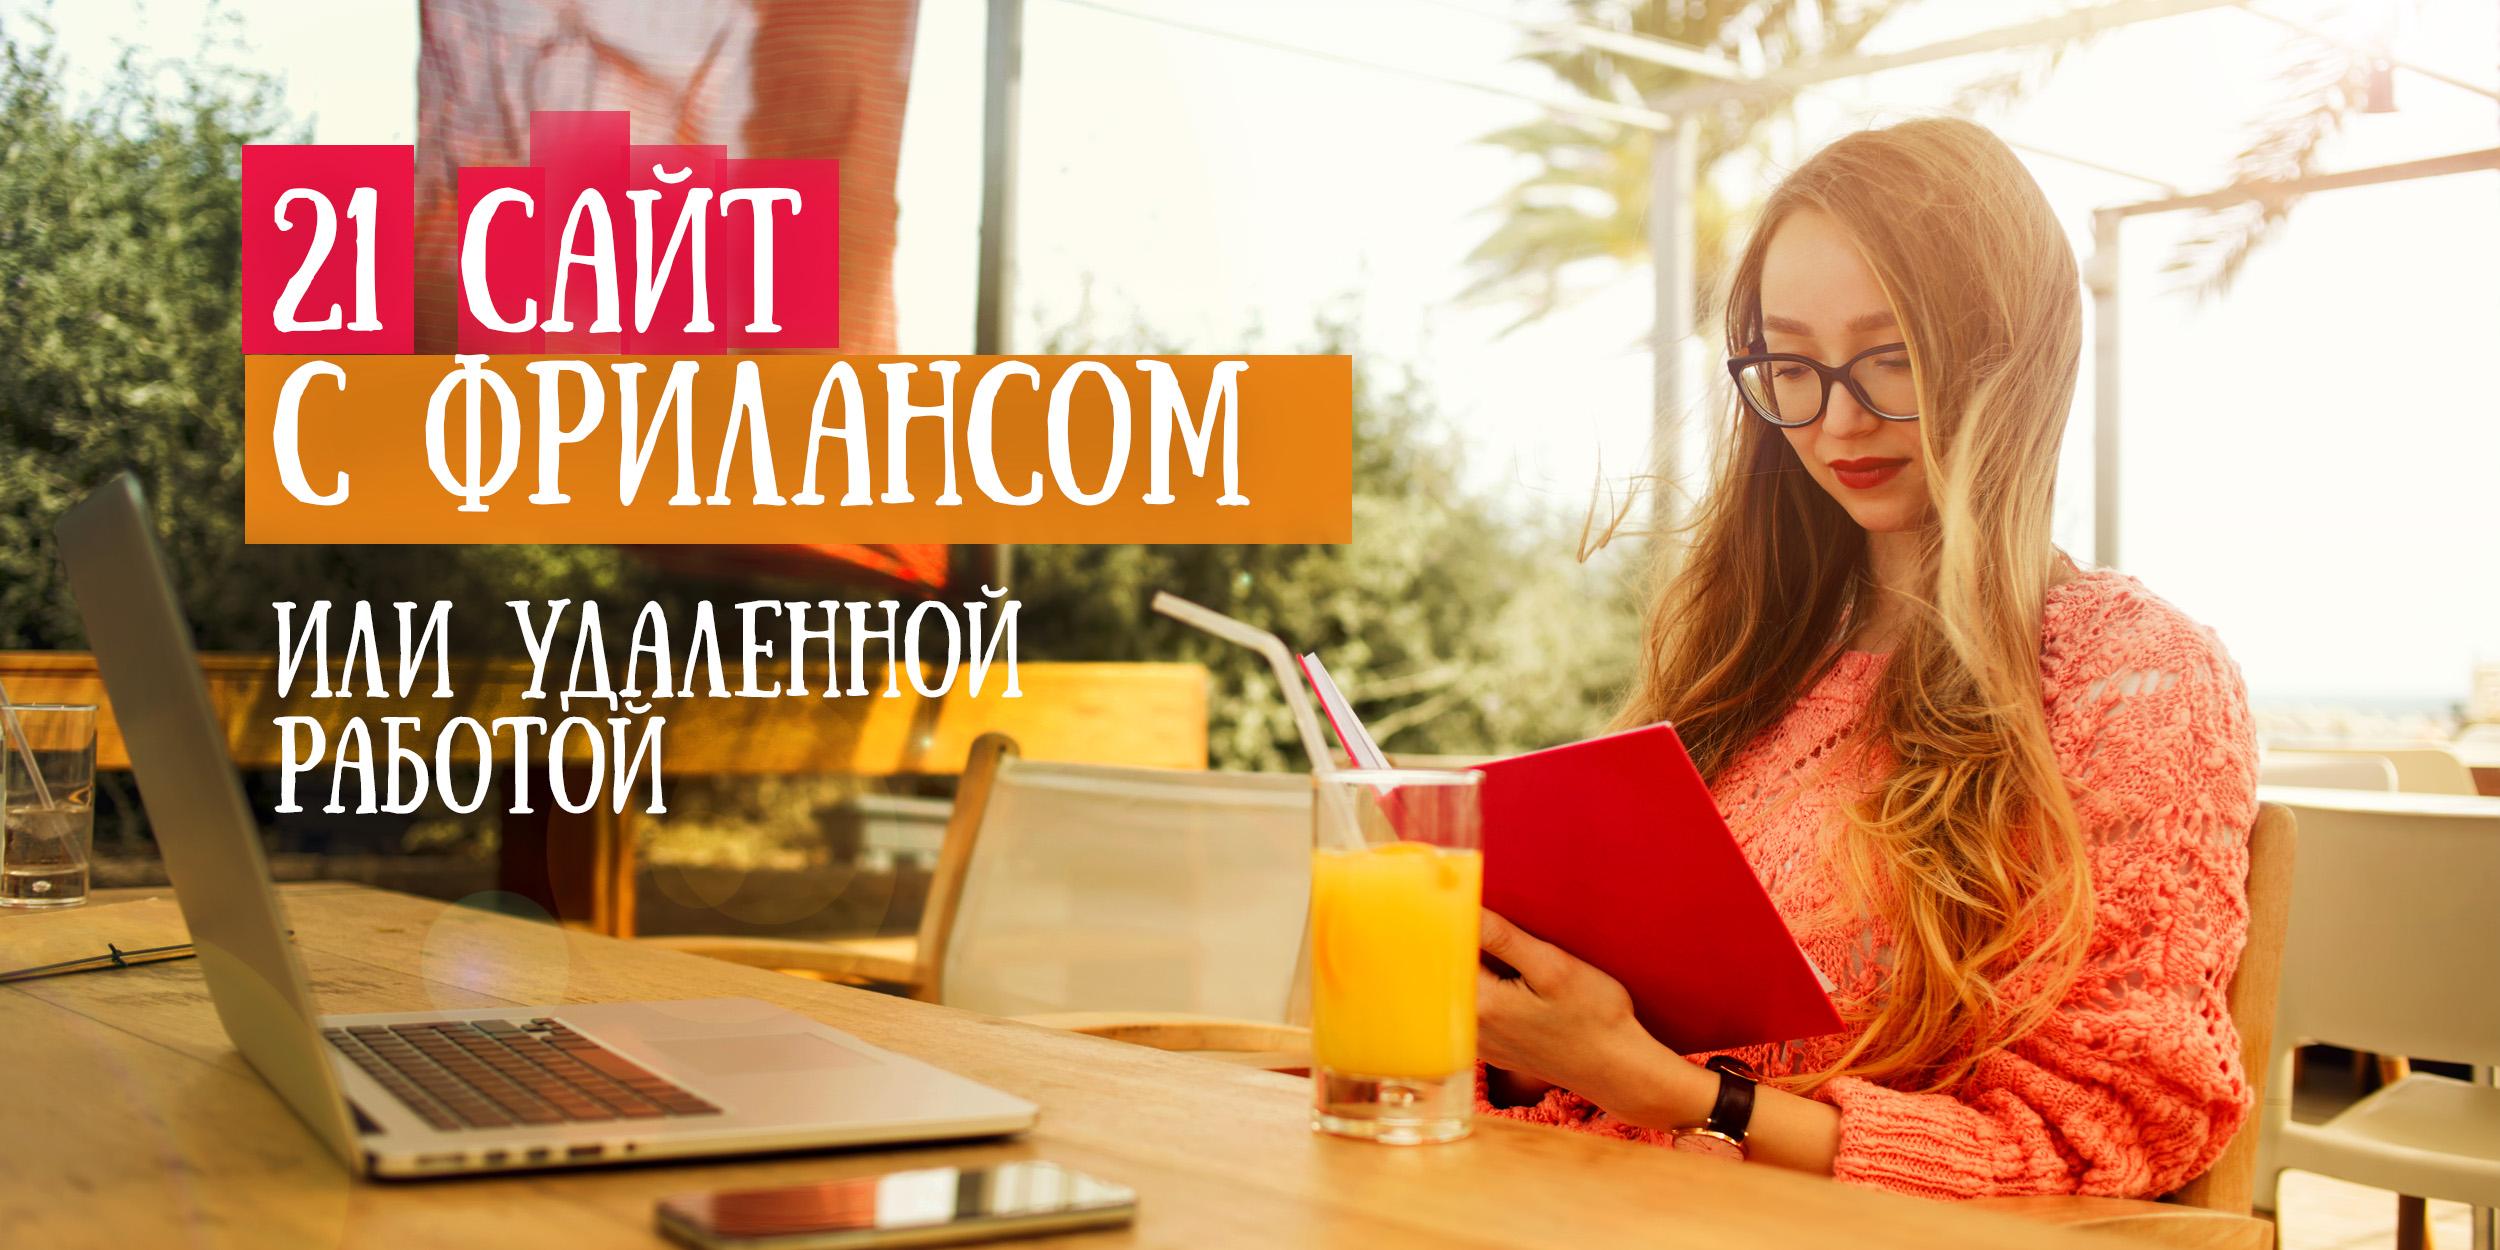 filma-sayt-dlya-fetishistov-razdvinutimi